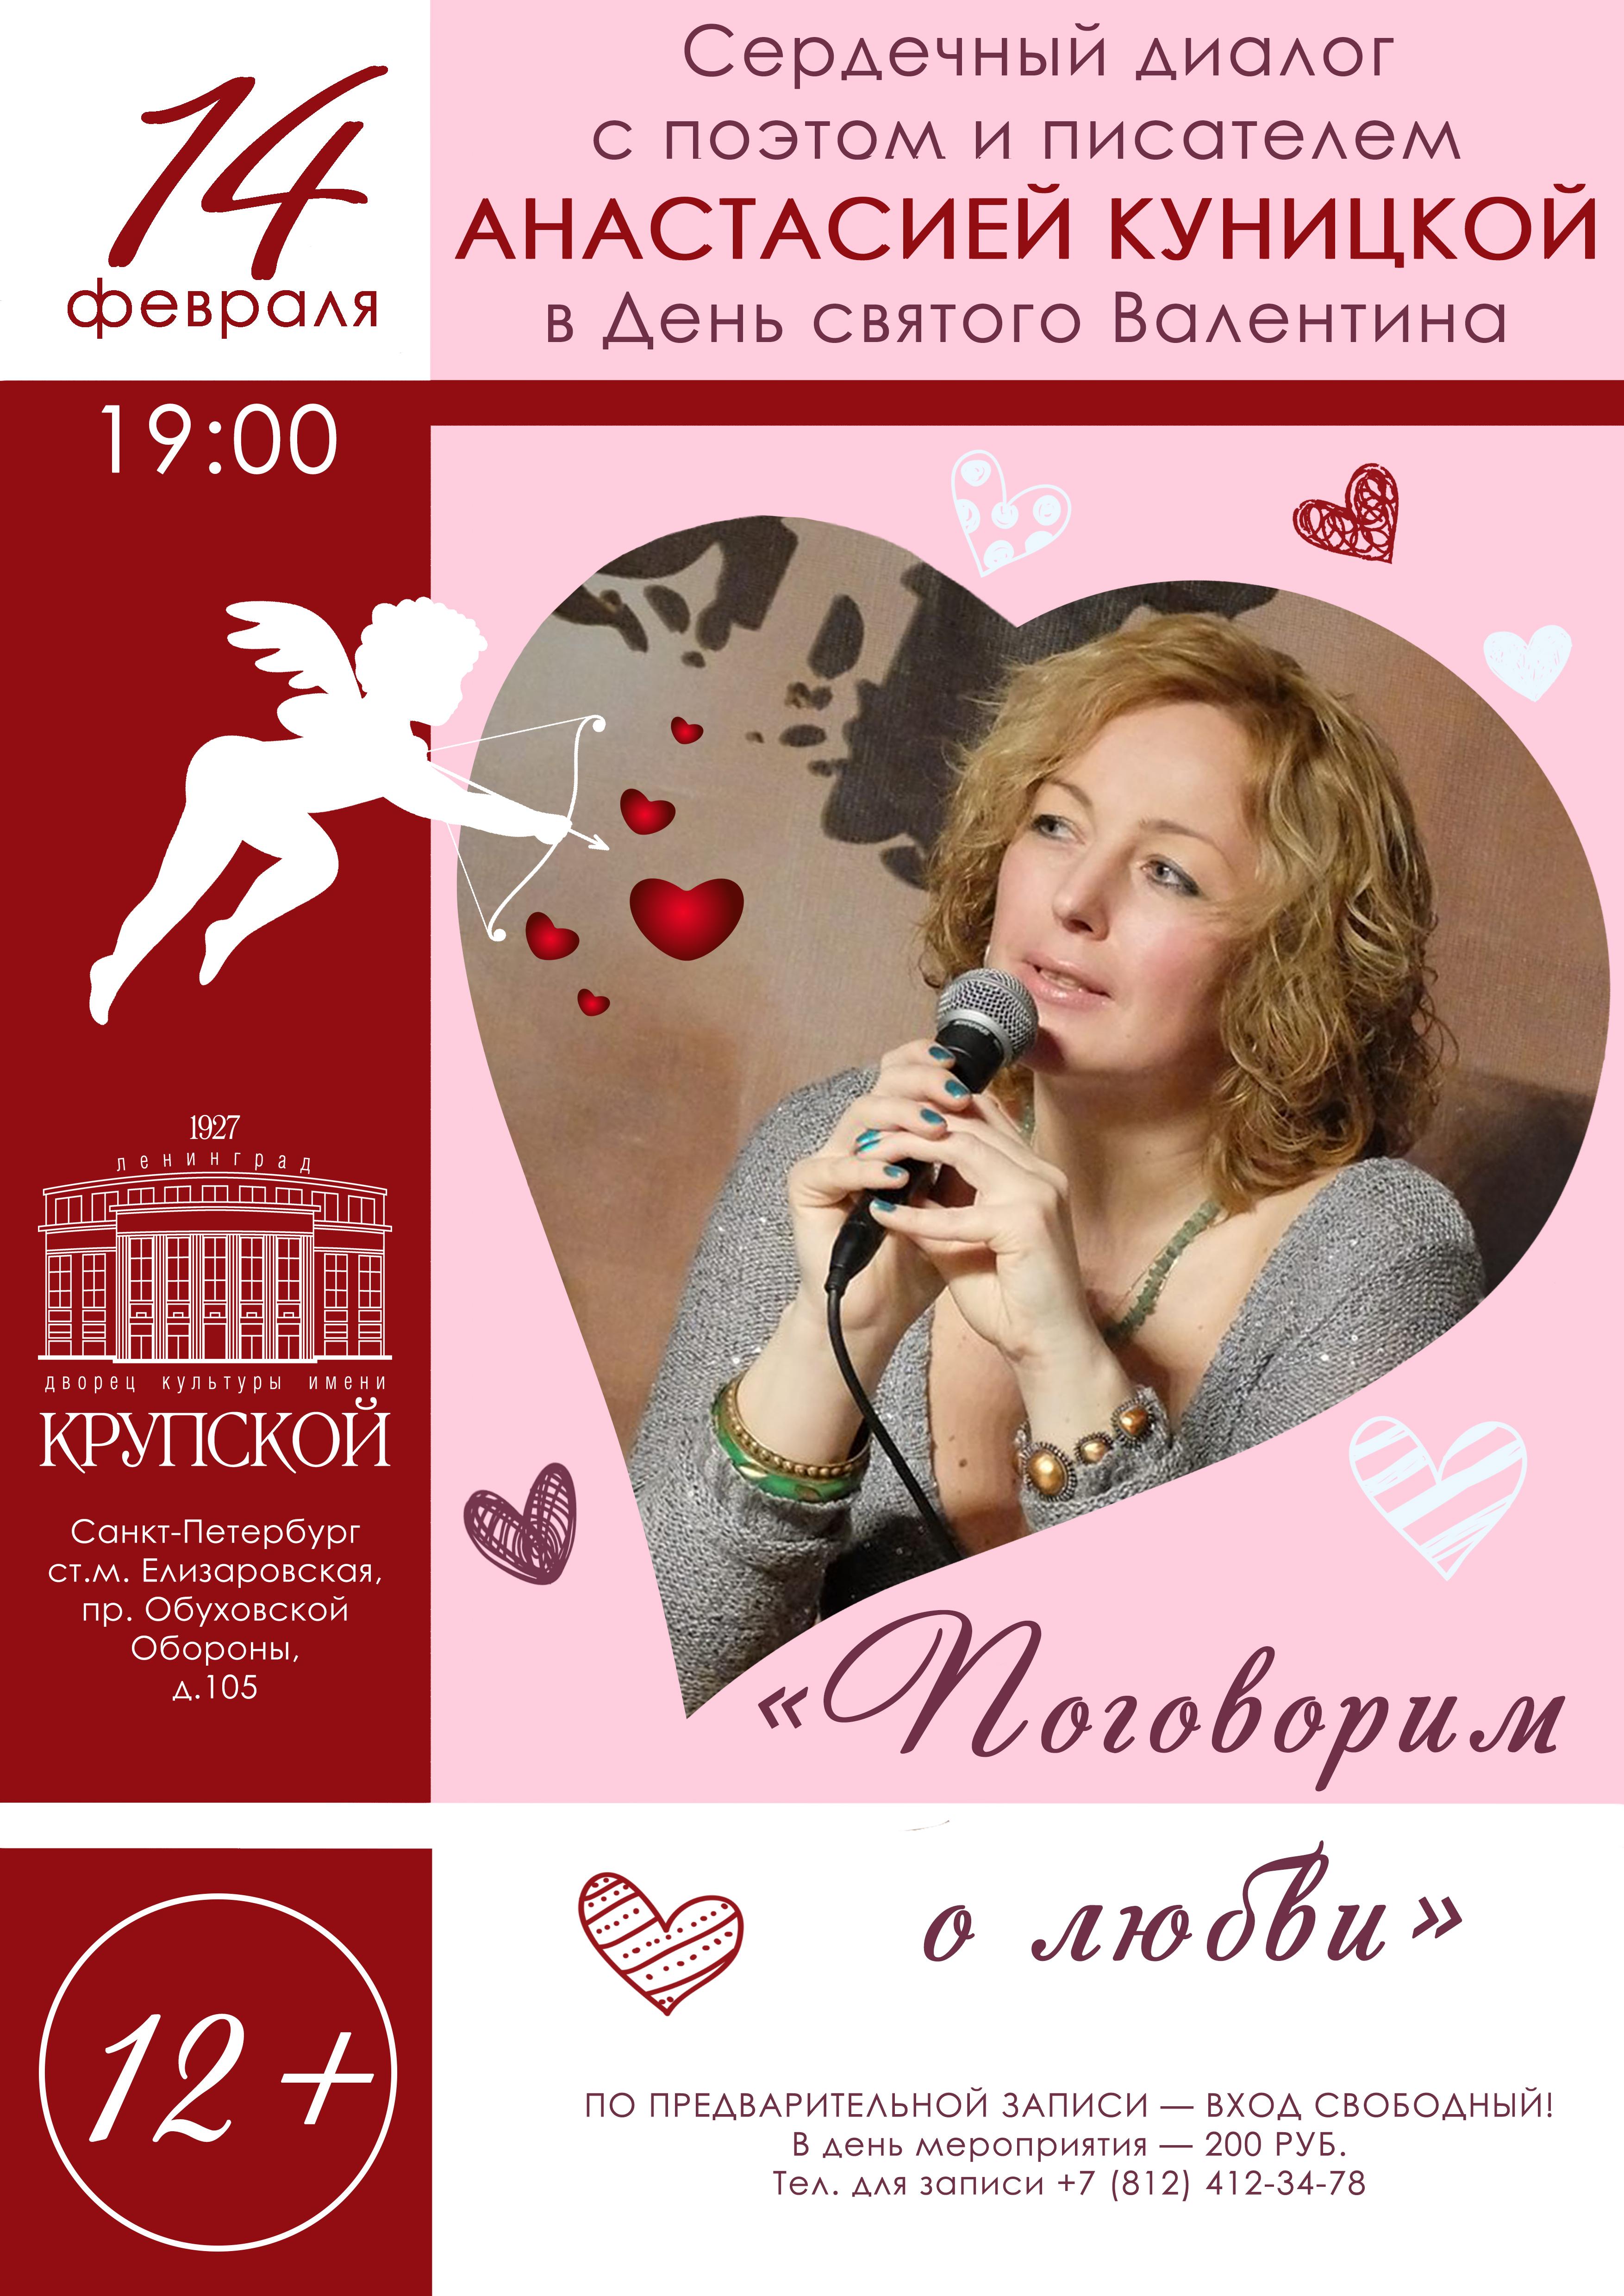 «ПОГОВОРИМ о ЛЮБВИ» поэтический диалог с Анастасией Куницкой